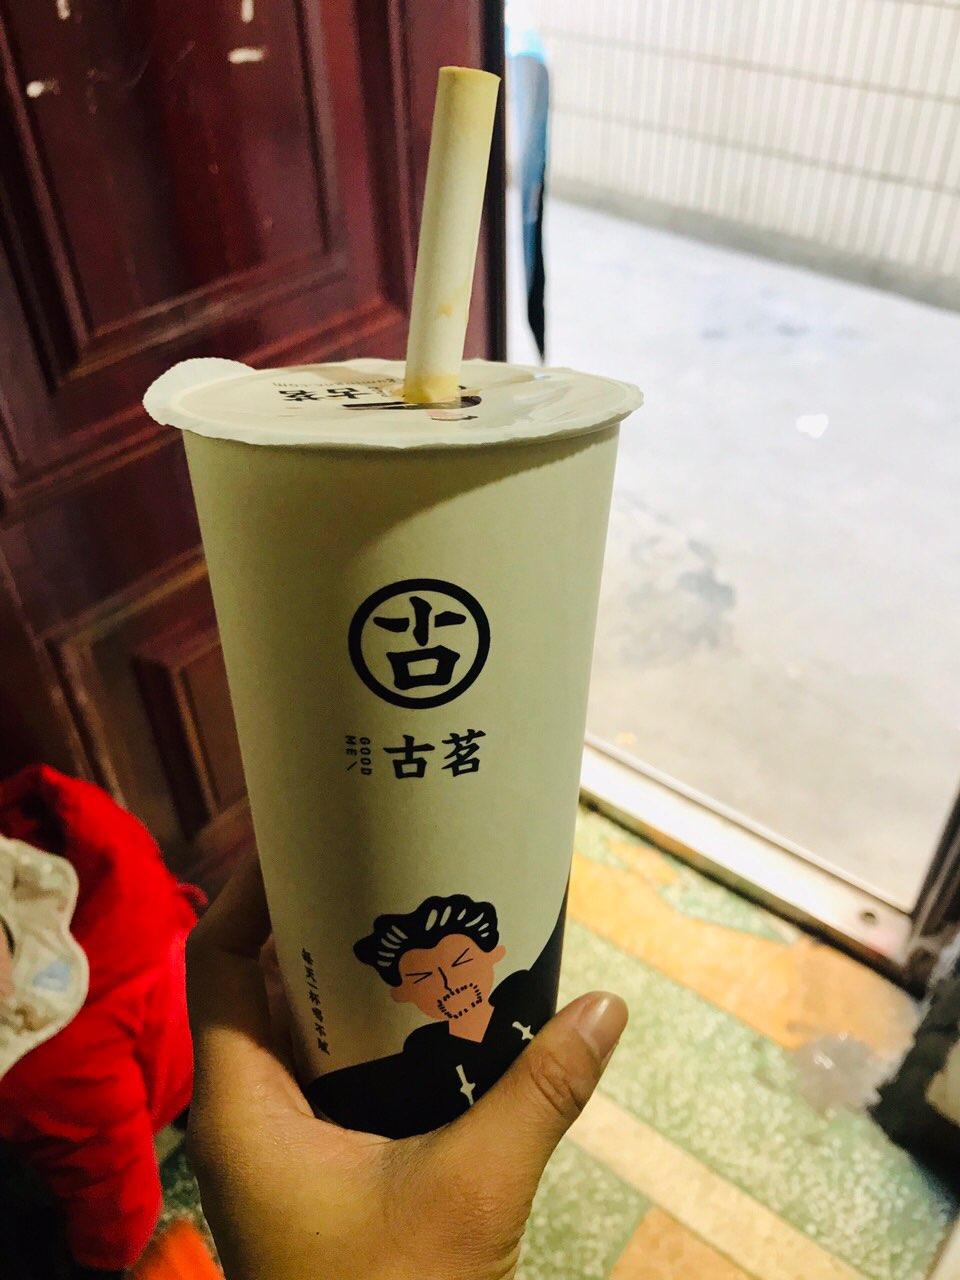 什么时候起喝杯奶茶都要考虑半天了,你就明白了生活。